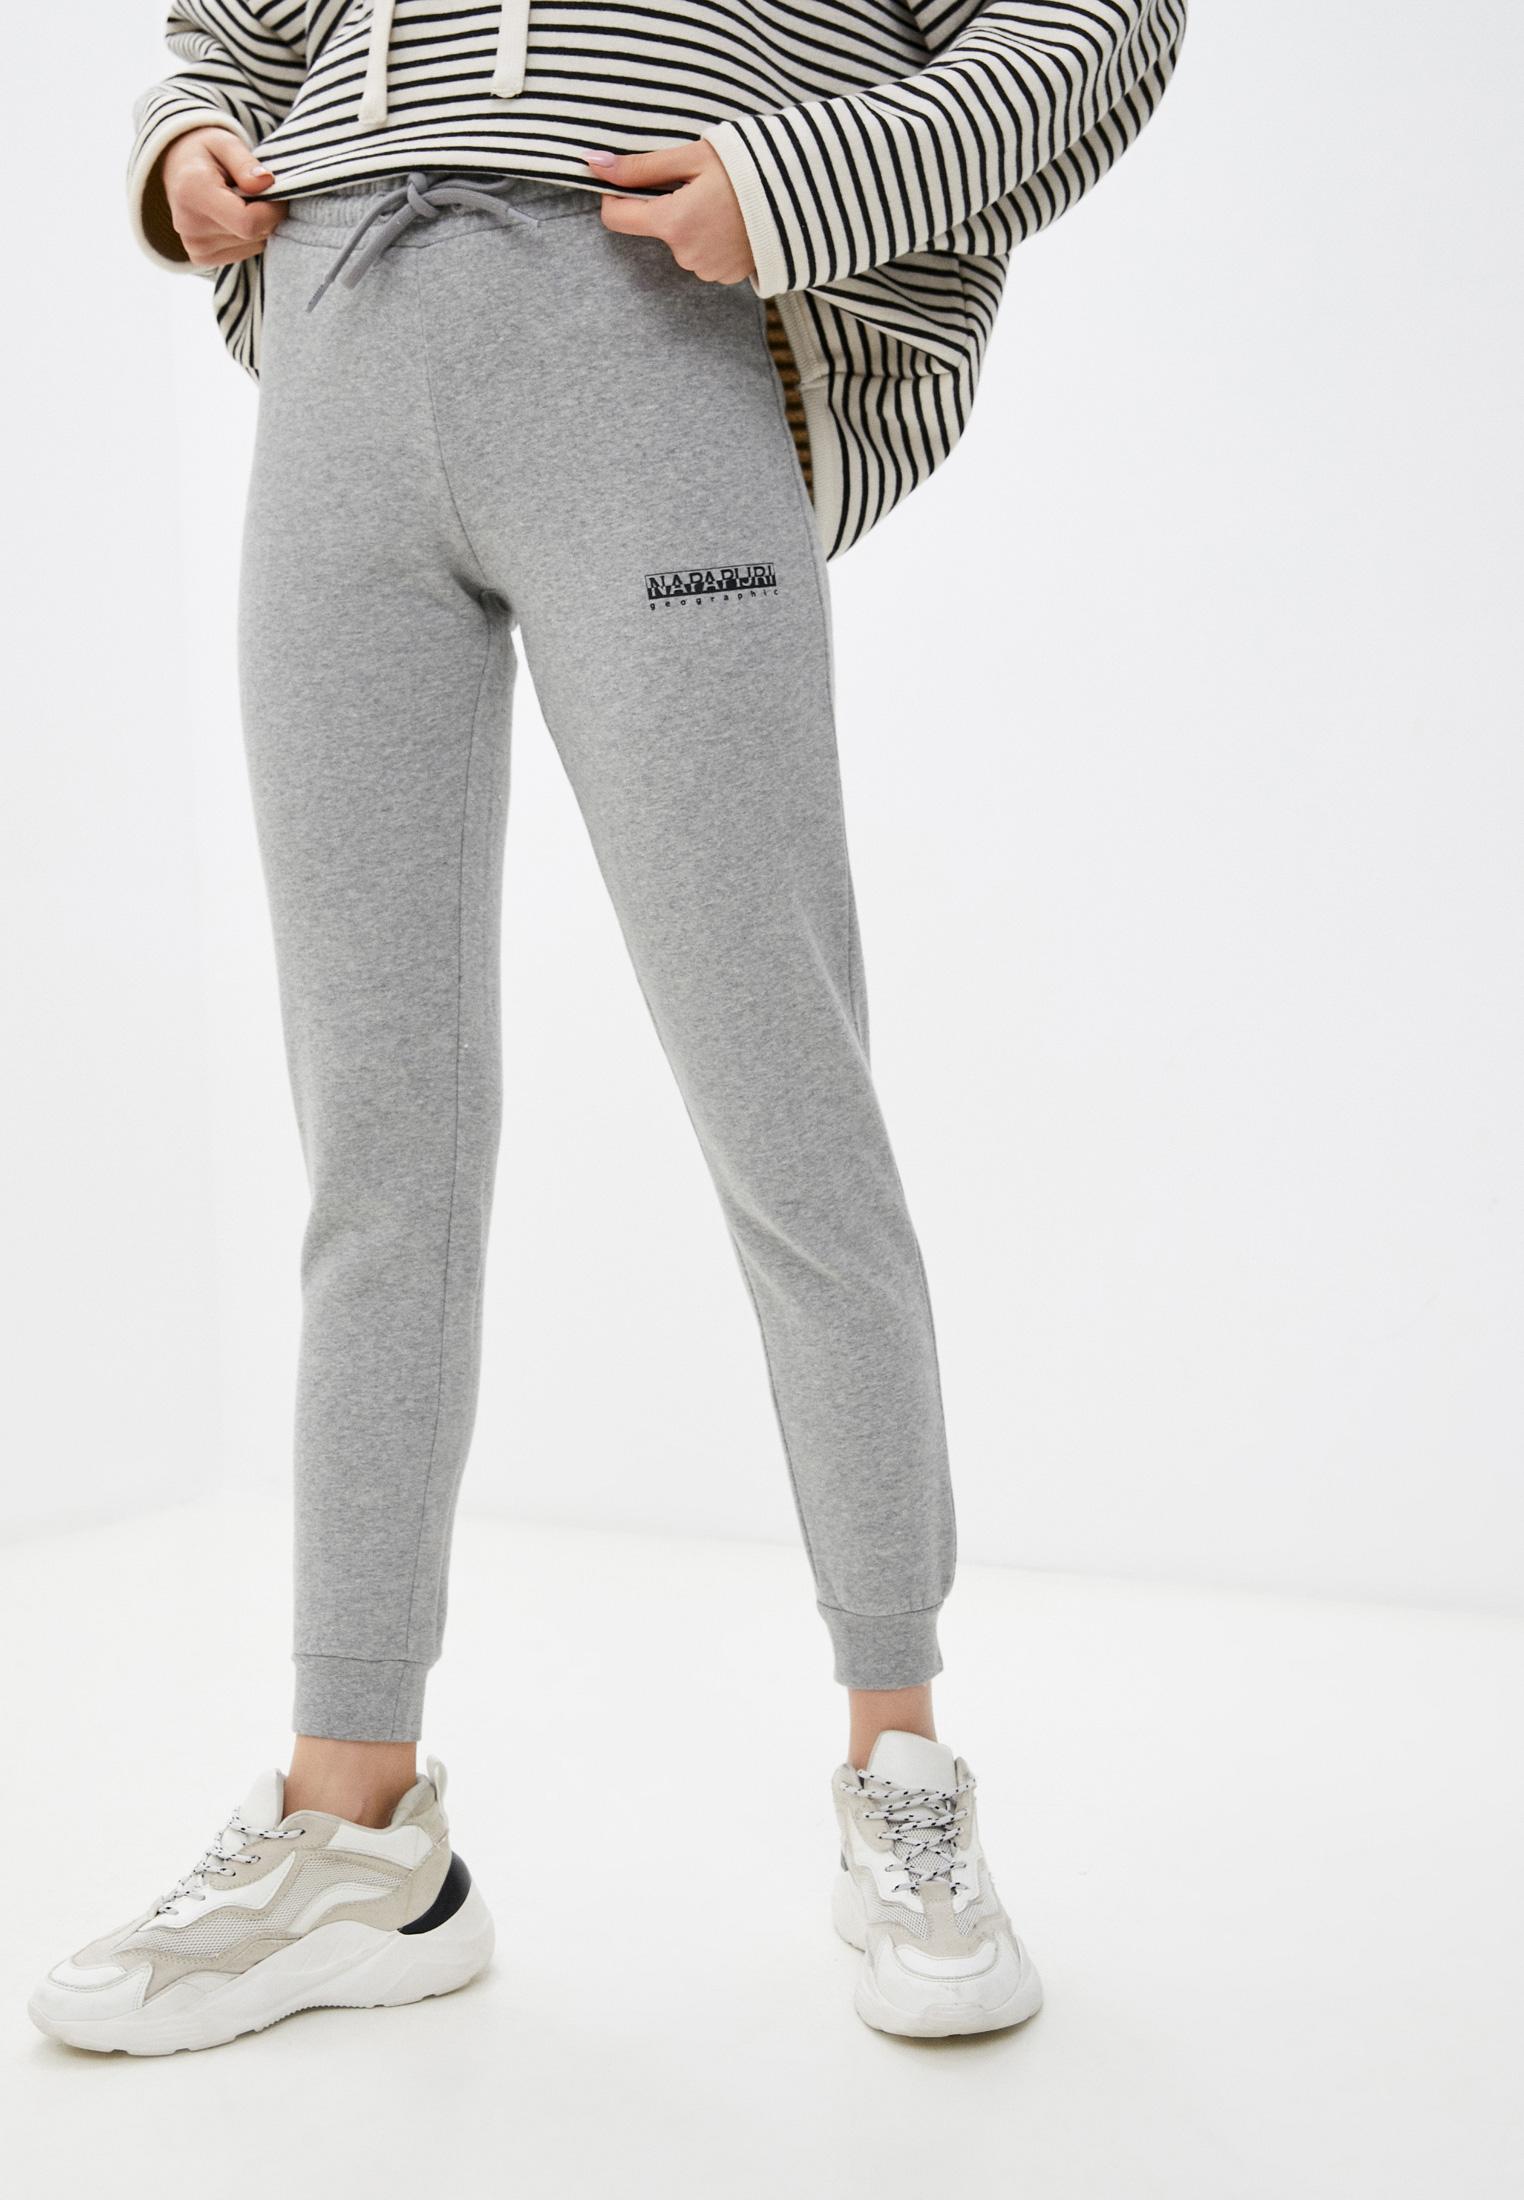 Женские спортивные брюки Napapijri Брюки спортивные Napapijri